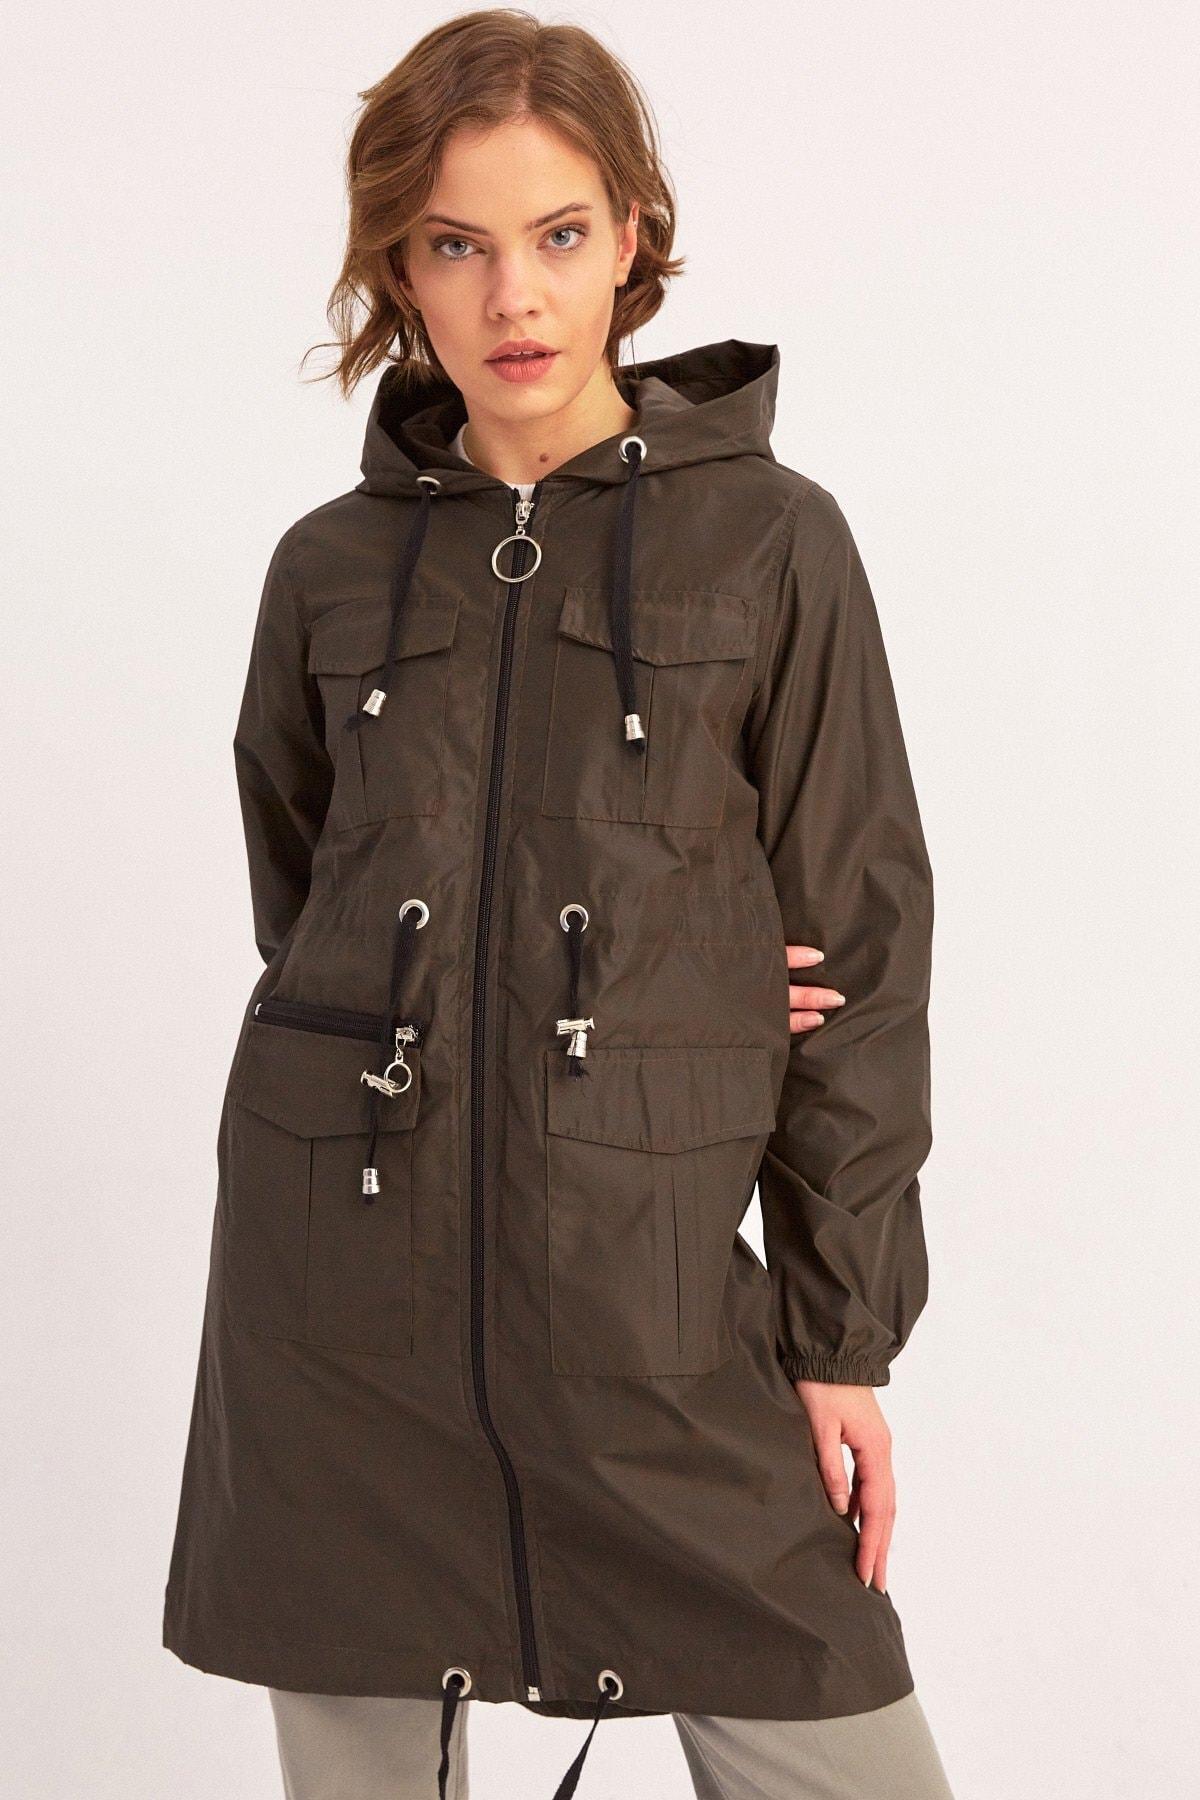 Fulla Moda Arkası Baskılı Kapüşonlu Yağmurluk 2